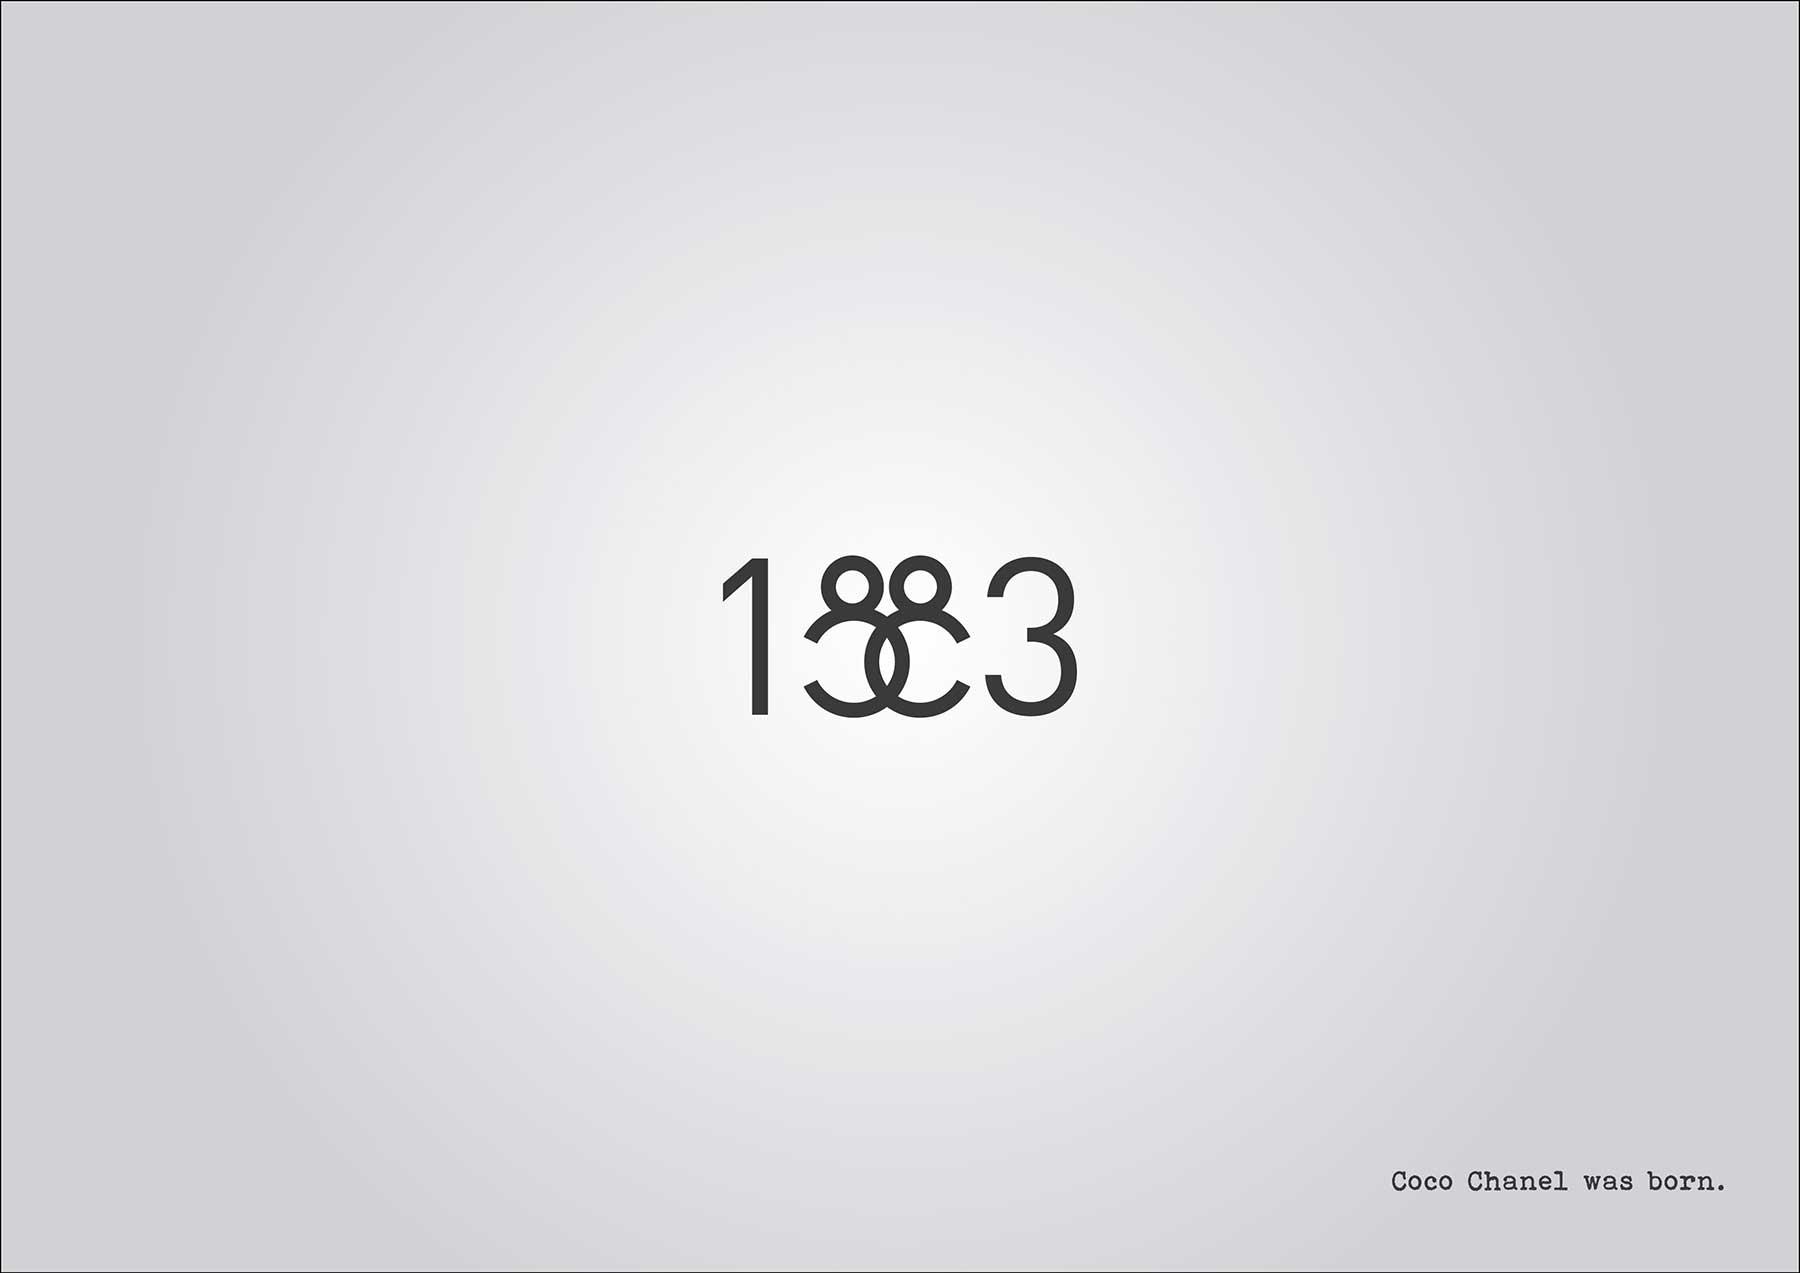 Jahreszahlen anhand ihrer Geschehnisse gestaltet Digital-Chronicles-jahreszahlen_11